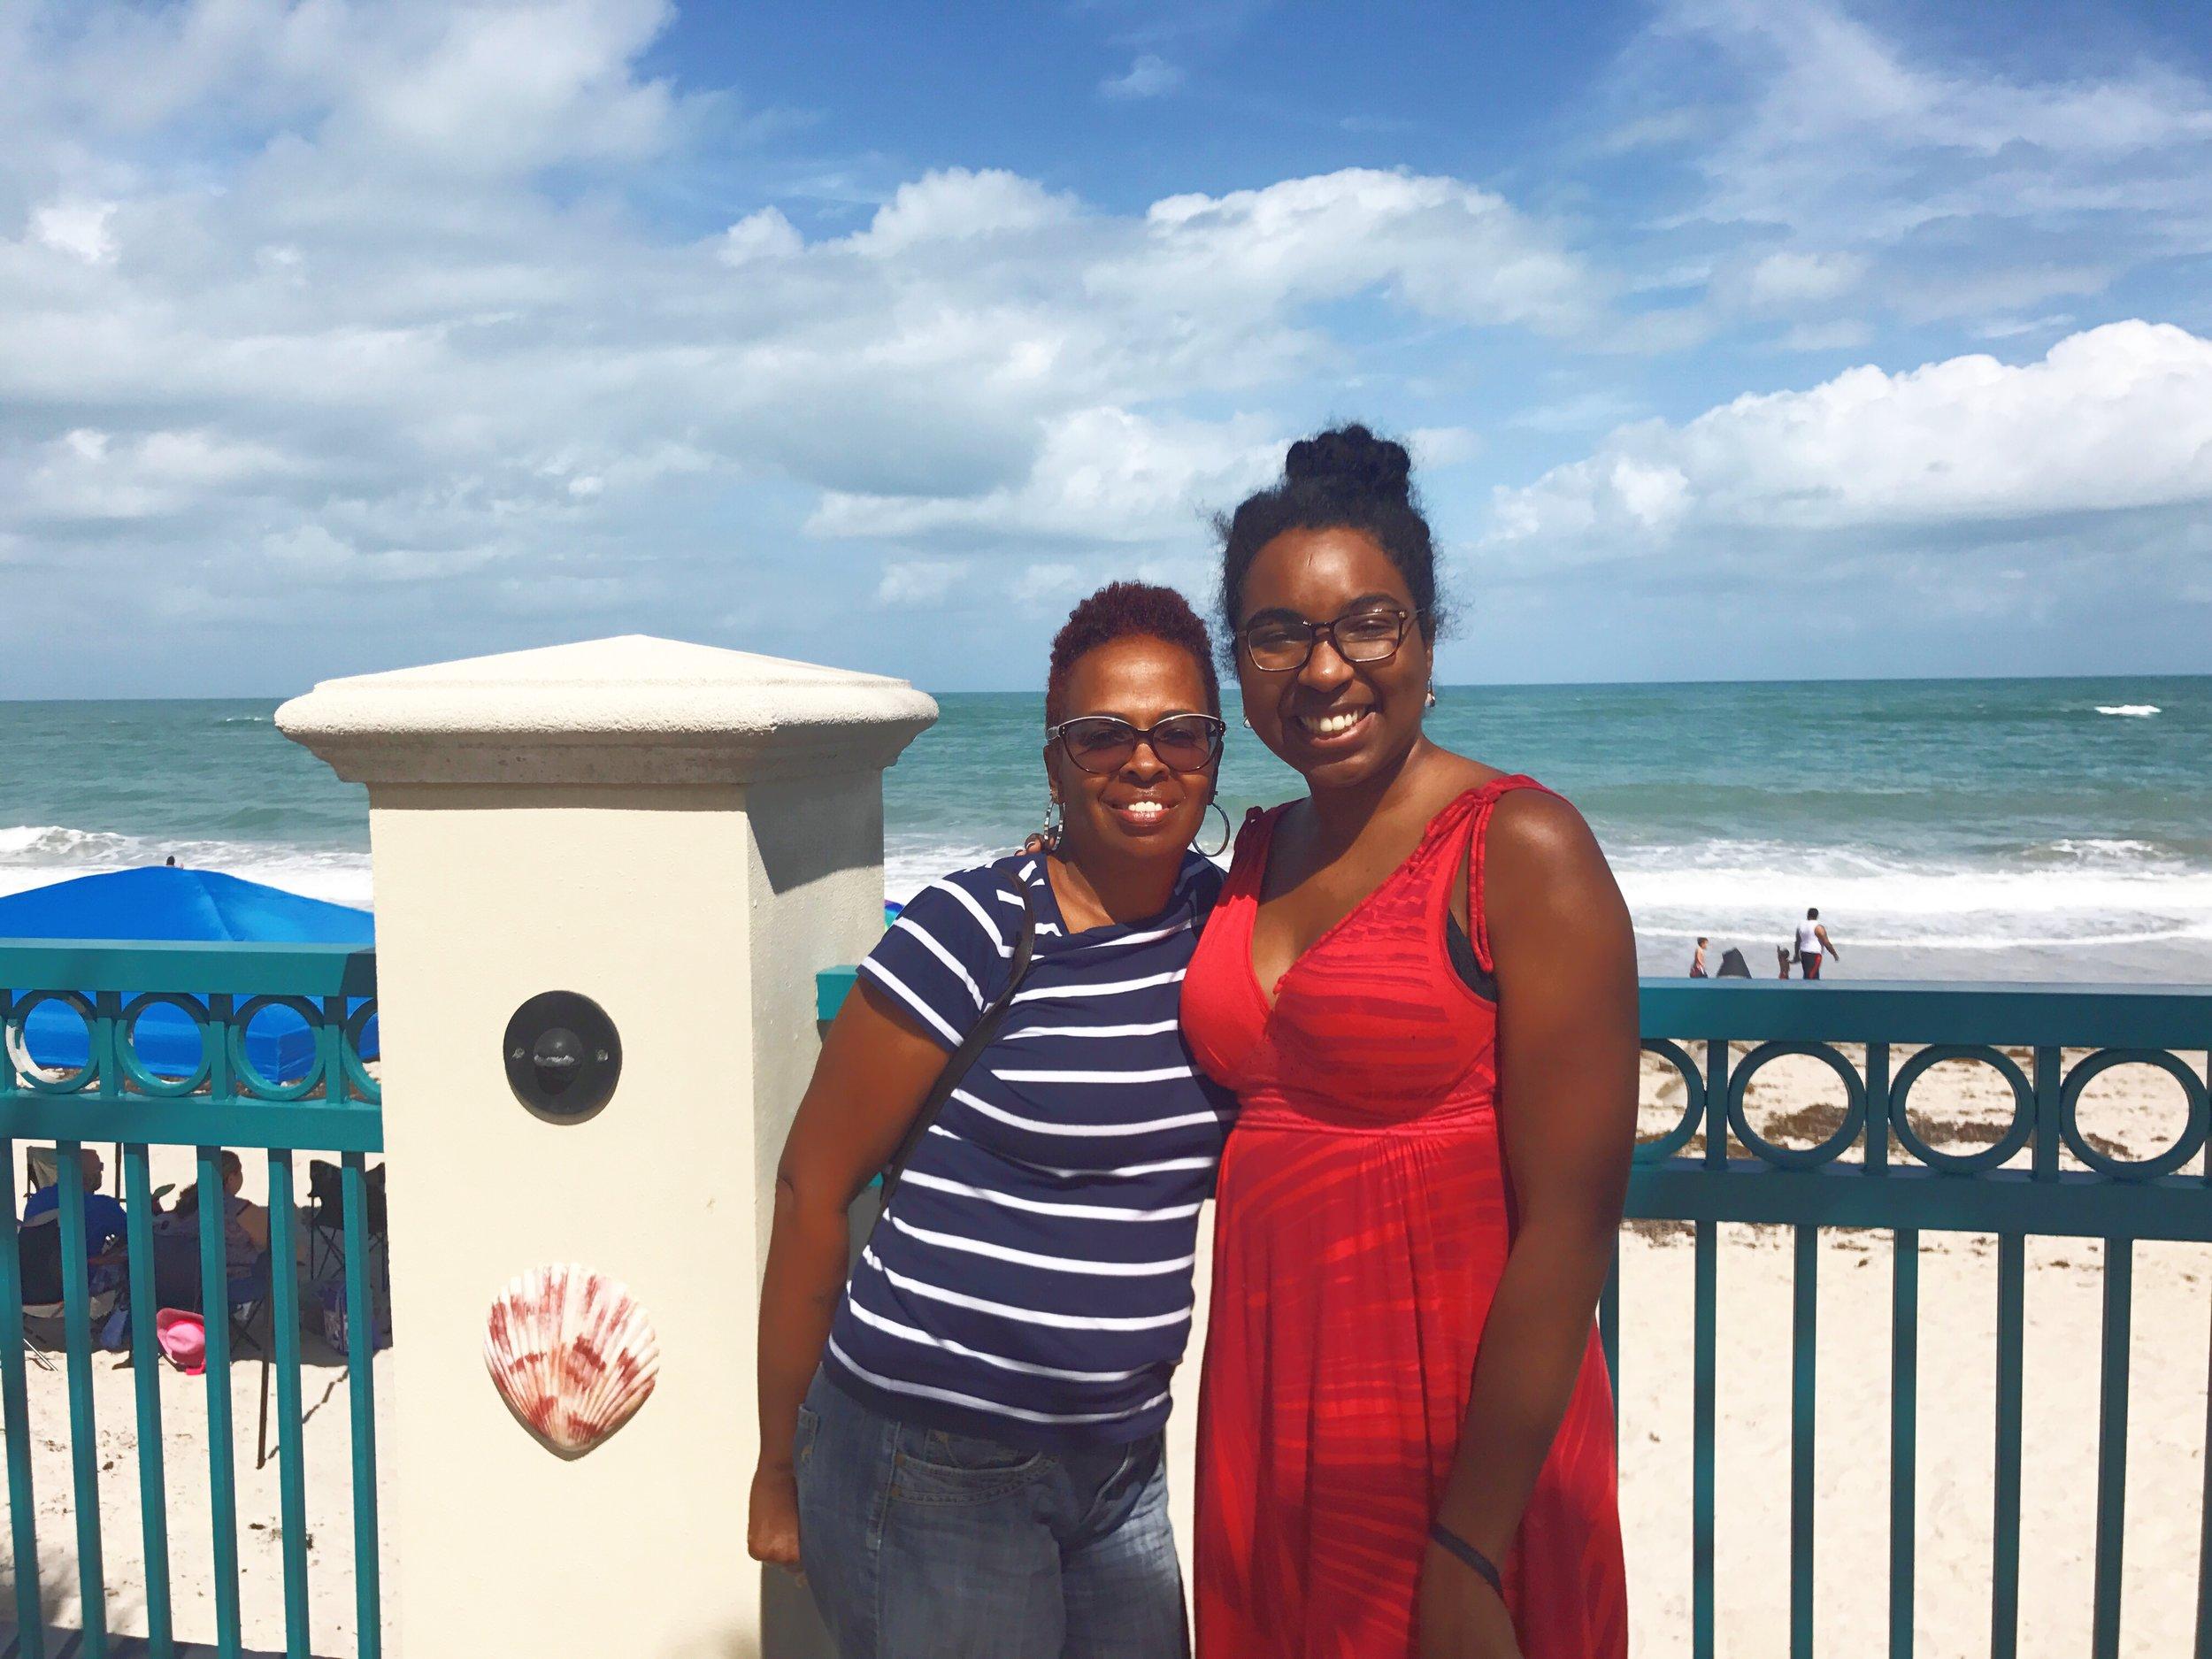 black-women-mom-daughter-red dress-ocean